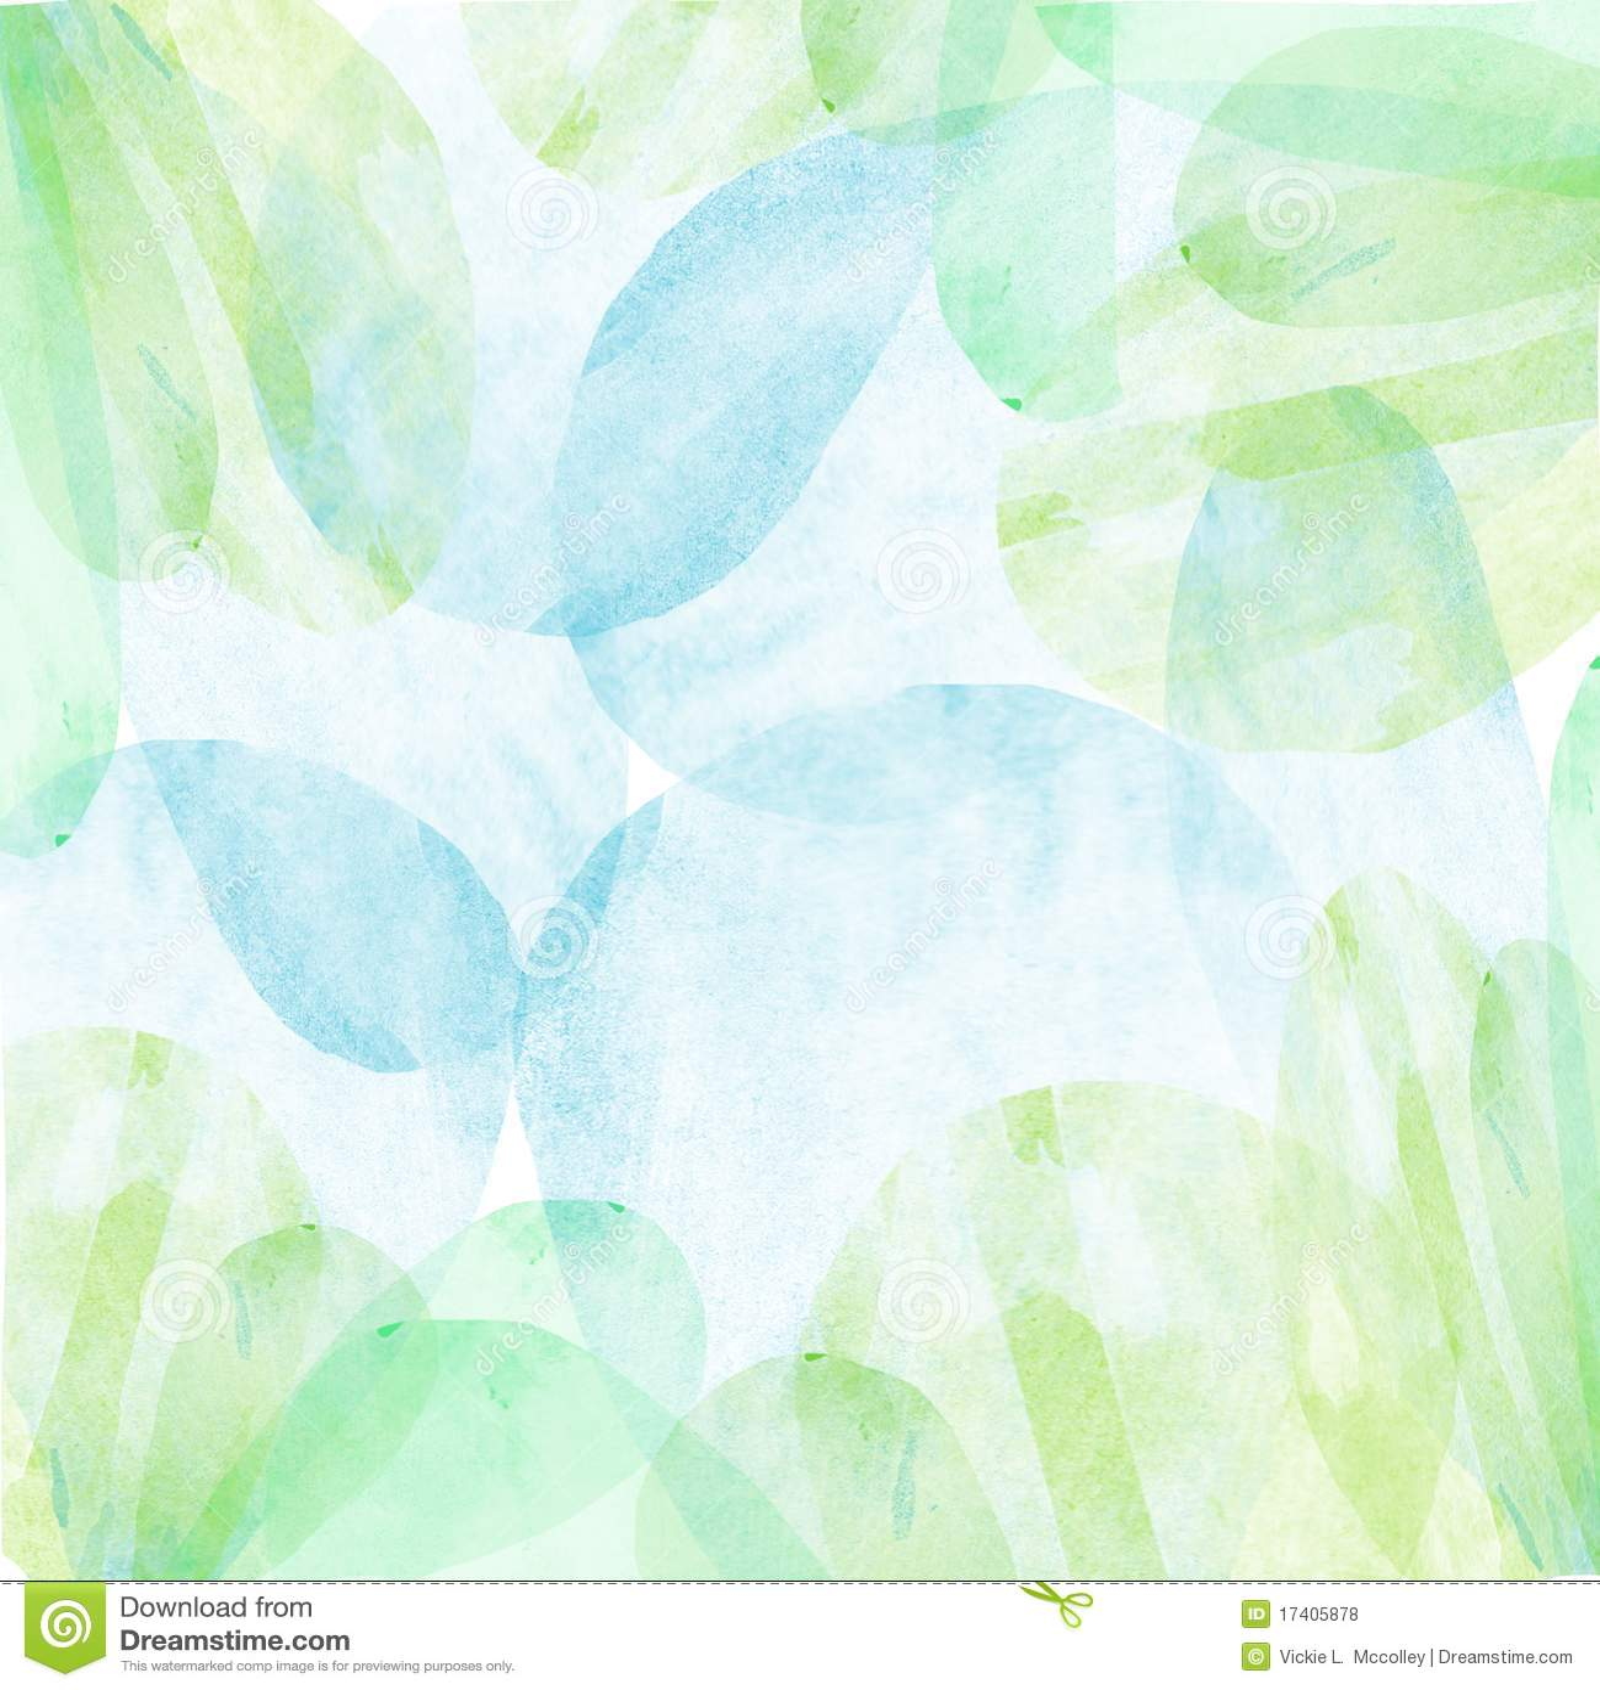 淡色墙纸水彩 库存例证 插画 包括有 相当 淡色 克服困难 眼花撩乱 墙壁 提取的 靠山 绿色